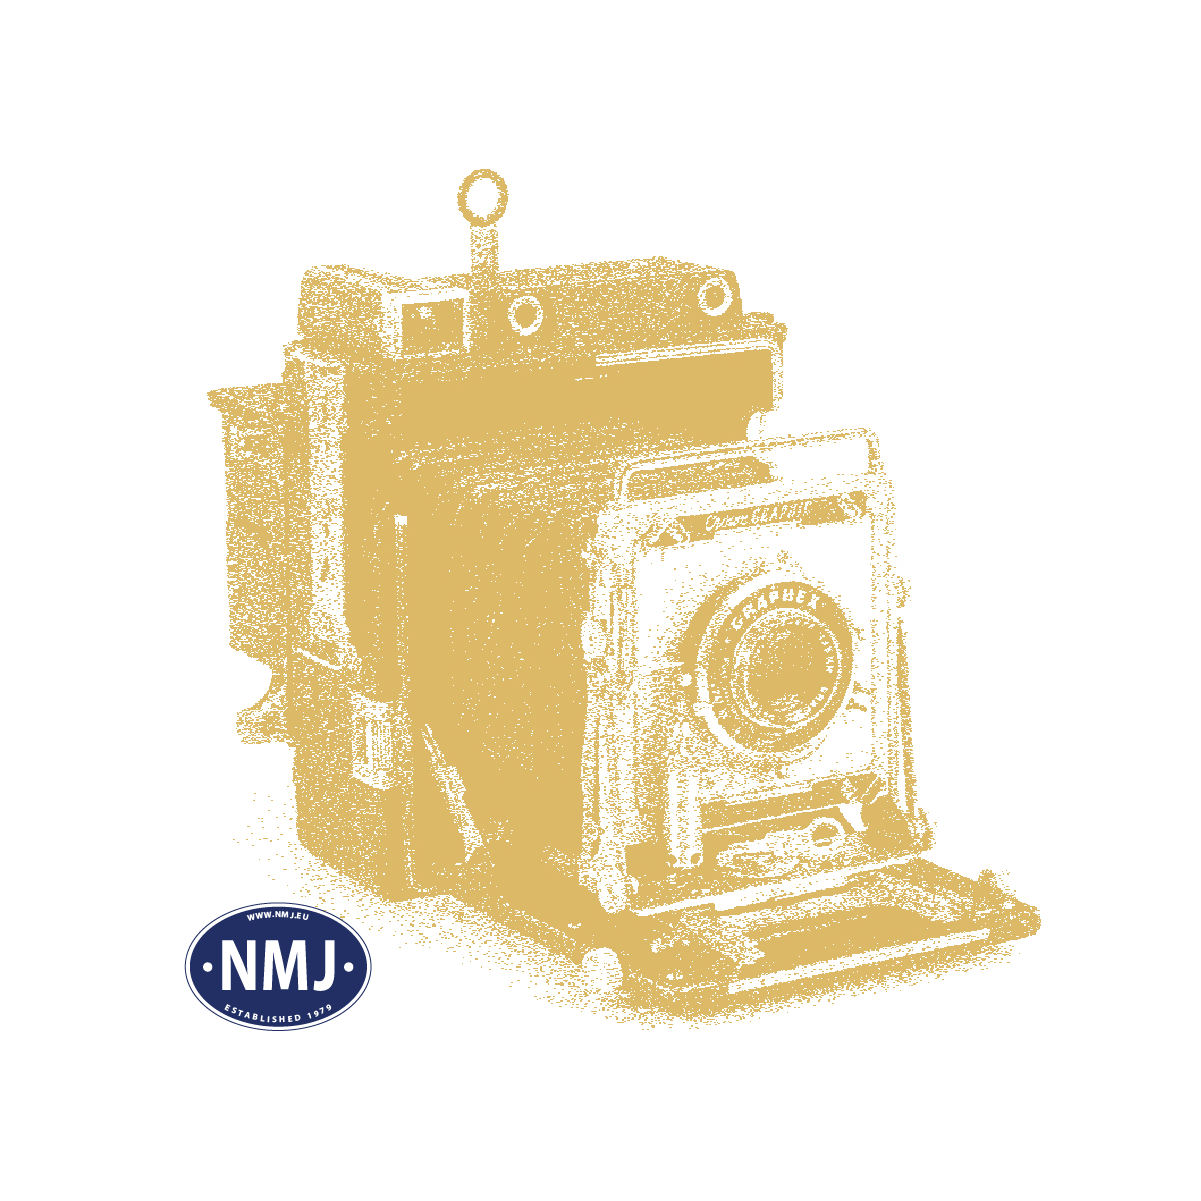 NOC36959 - Lettkledde Damer, N-Skala